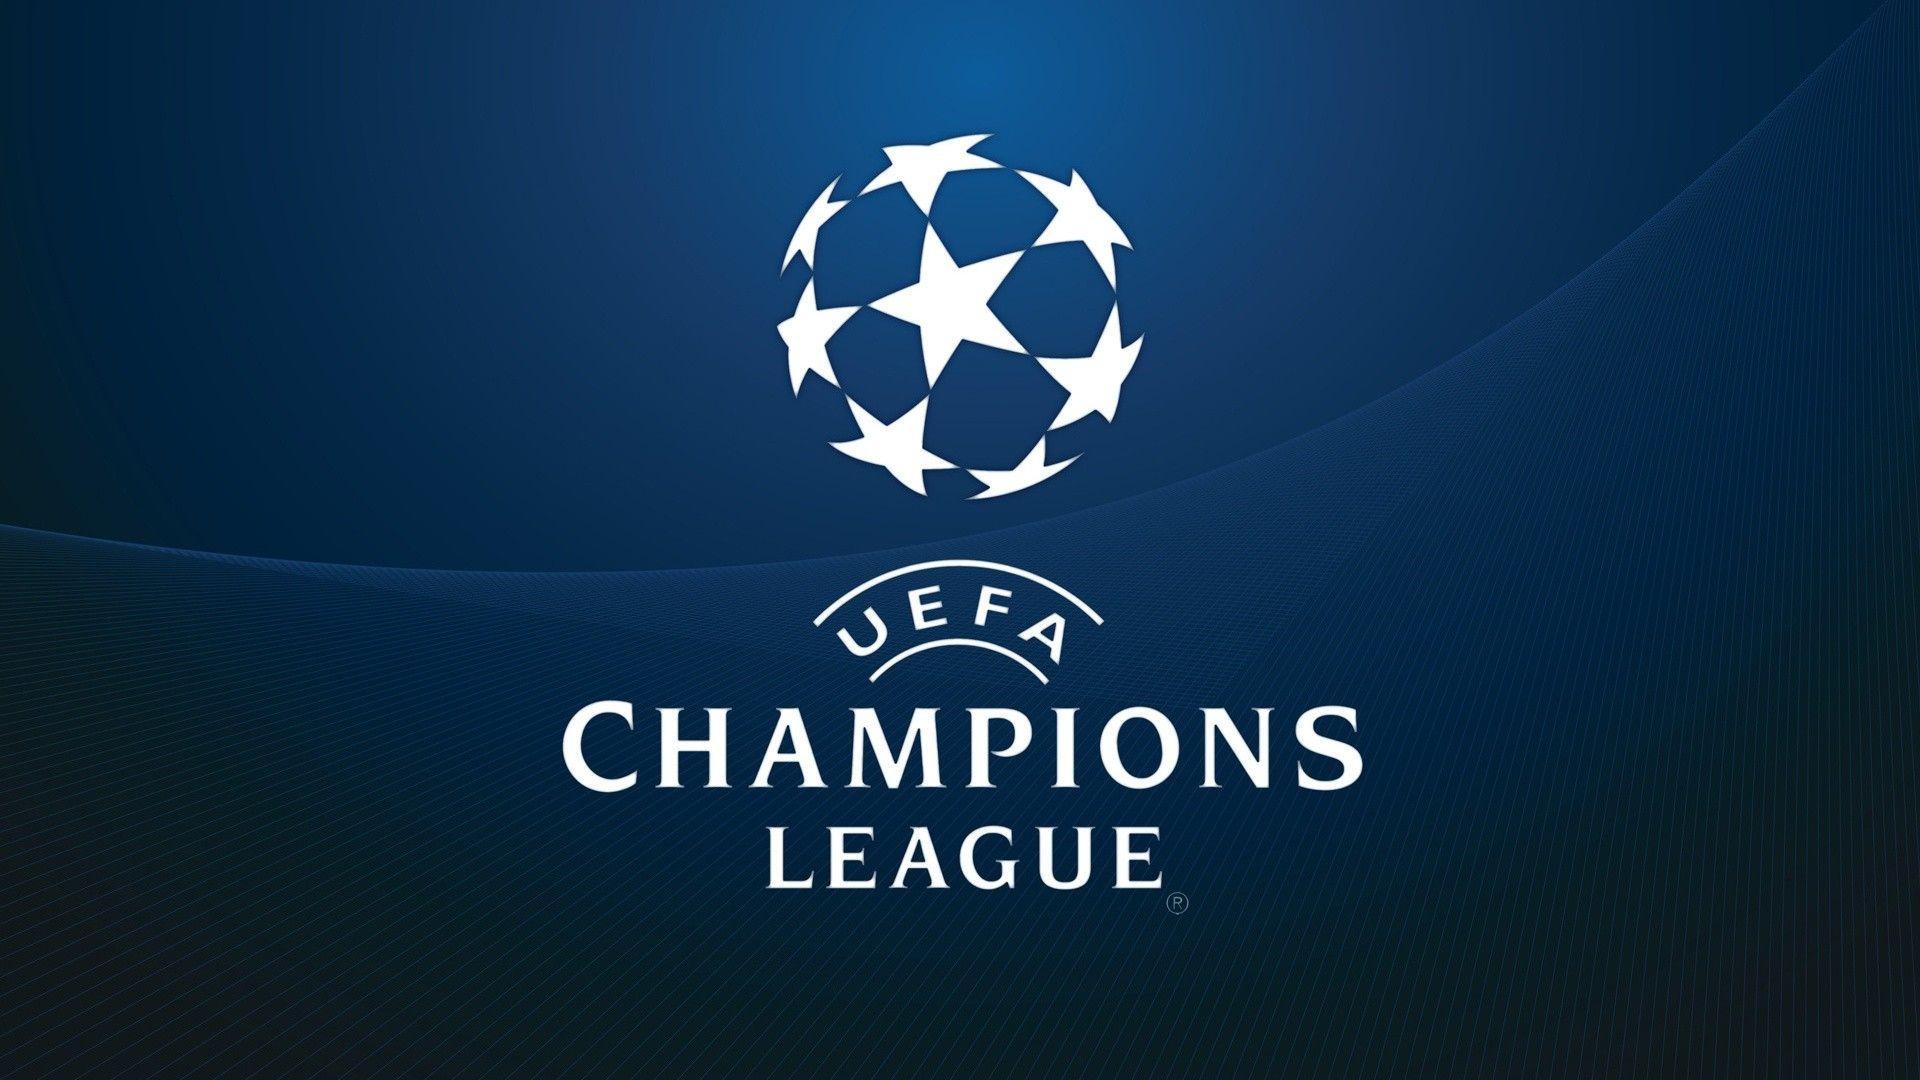 8511 - ¿Realmente recuerdas tan bien la última década de la UEFA Champions League?